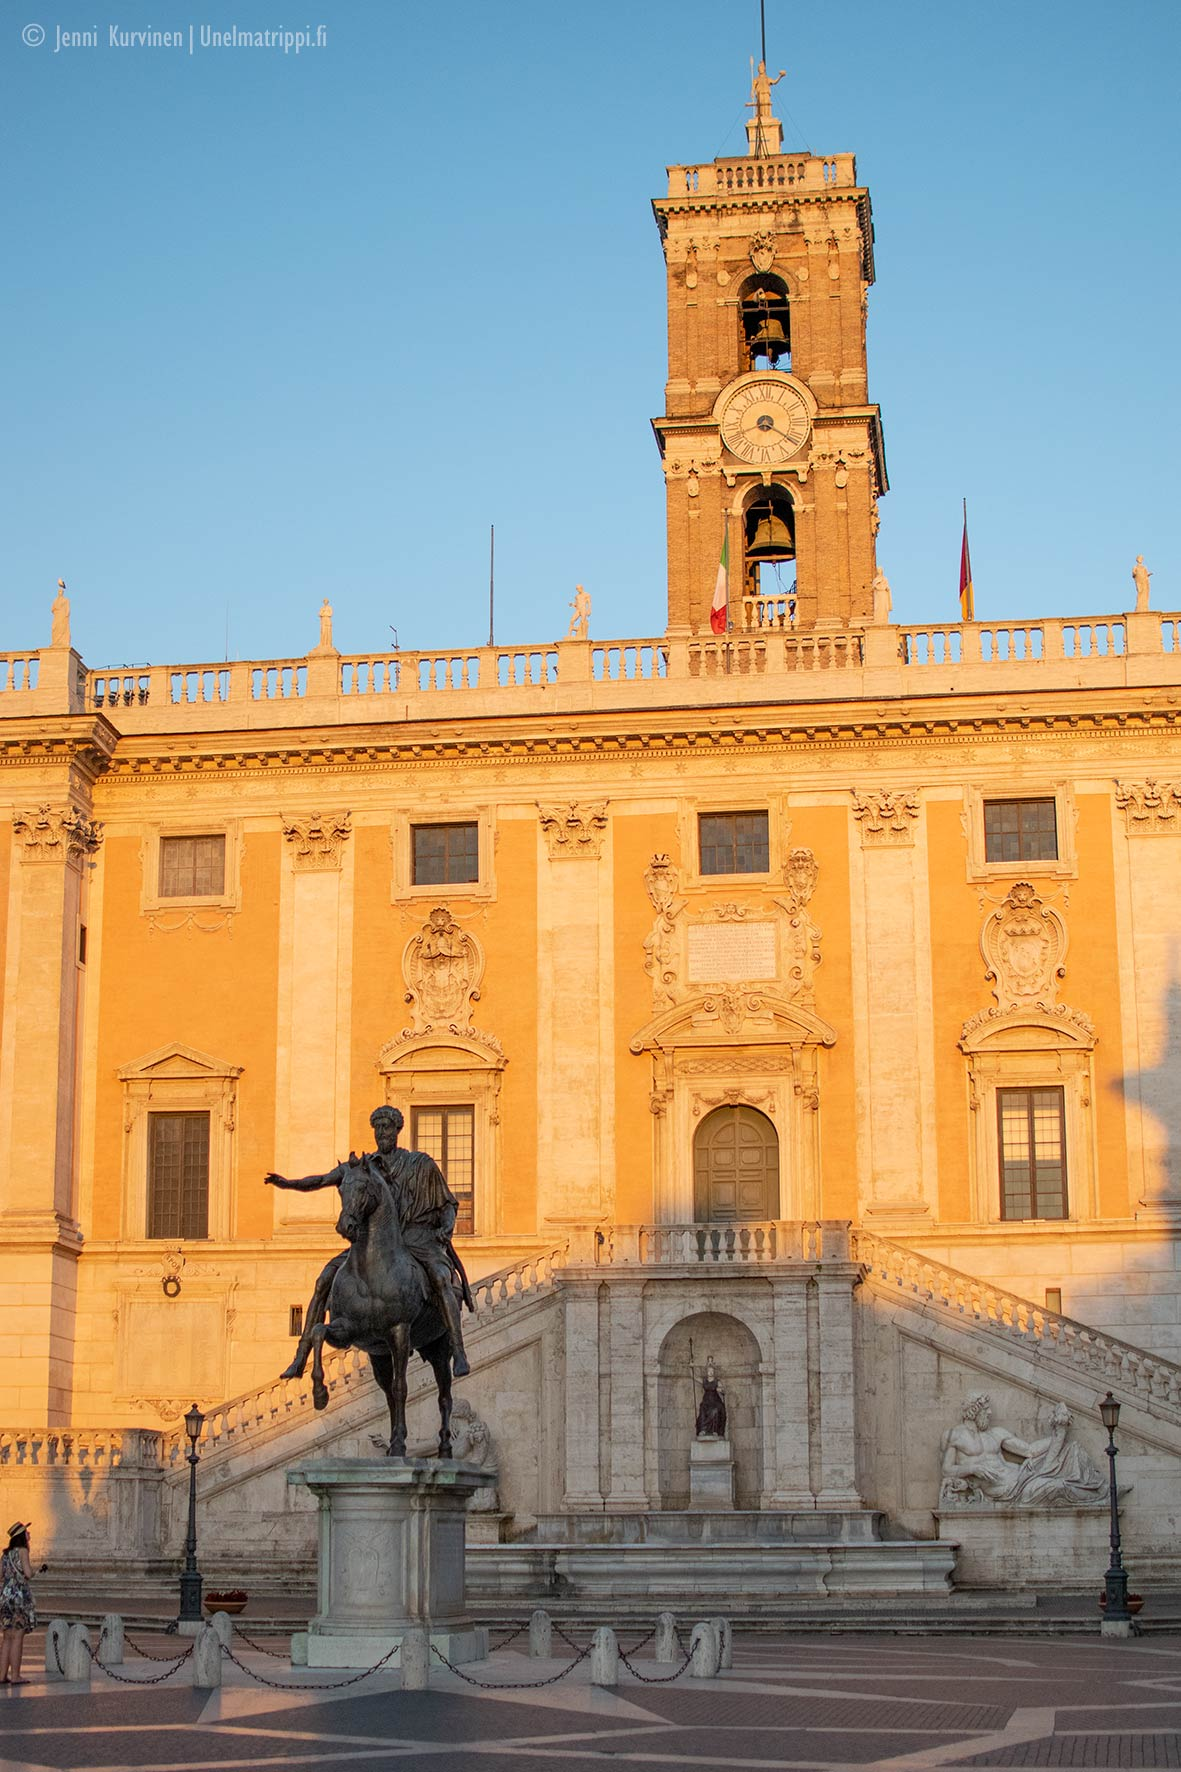 Marcus Aureliuksen ratsastajapatsas Capitoliumin aukiolla